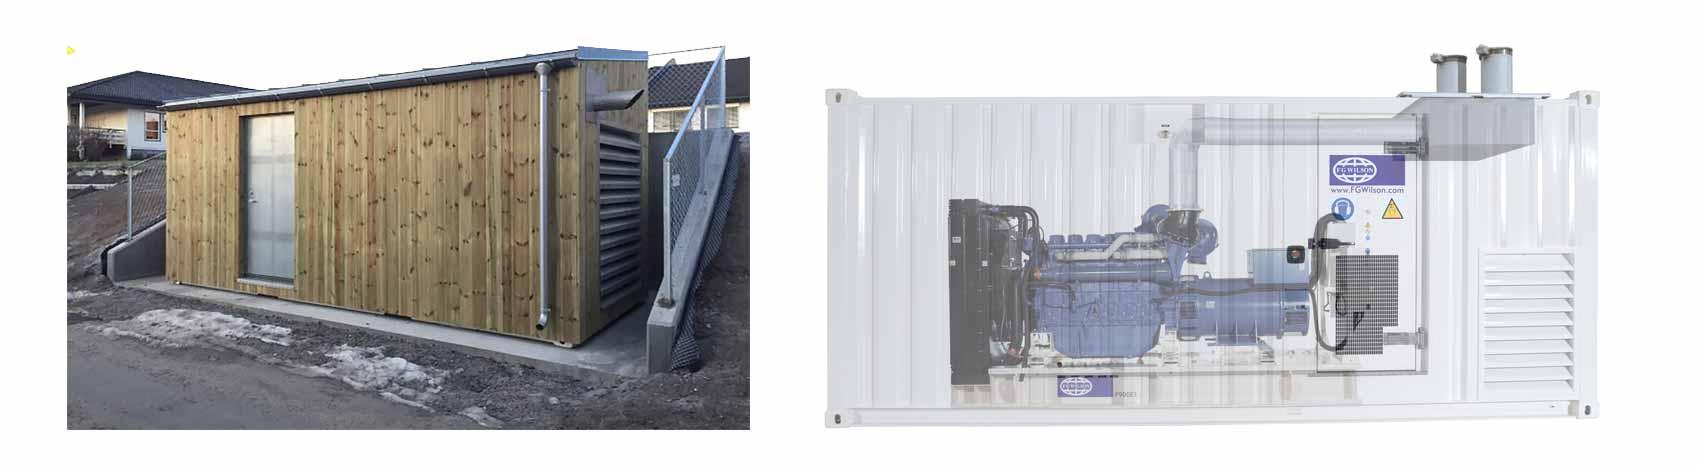 Coromatic generator i container